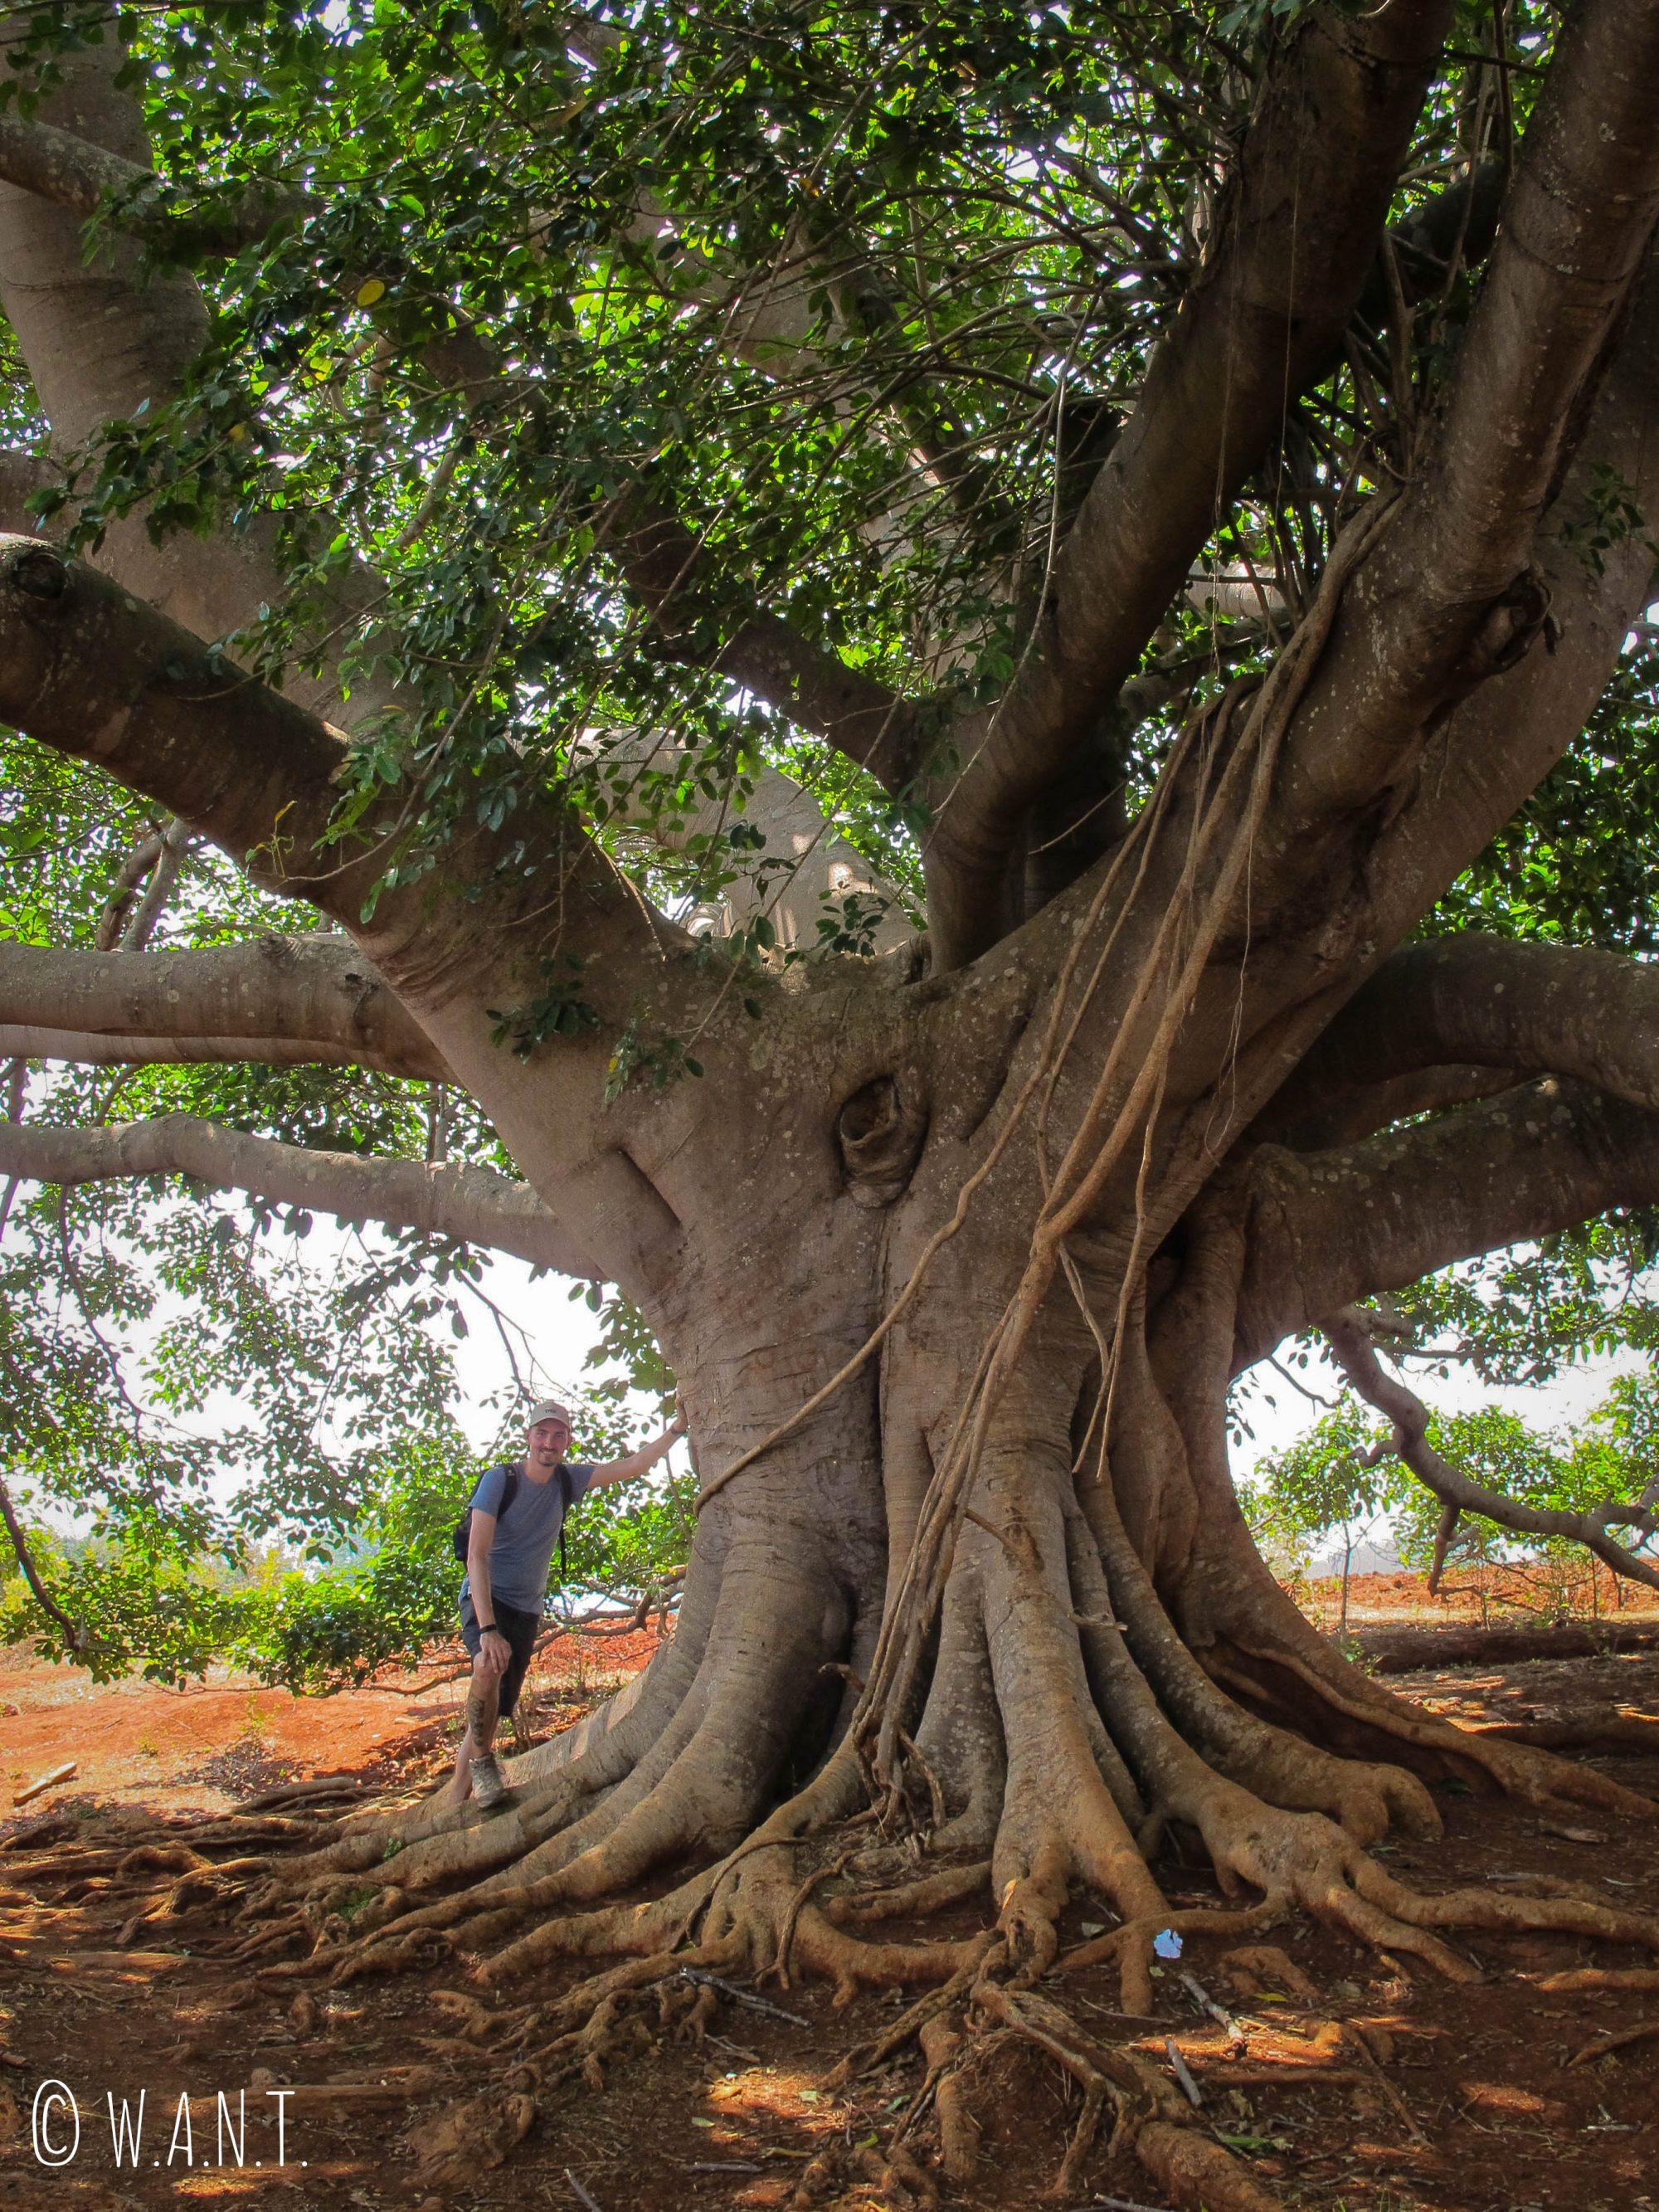 Banyan Tree, arbre sacré dans la culture bouddhique